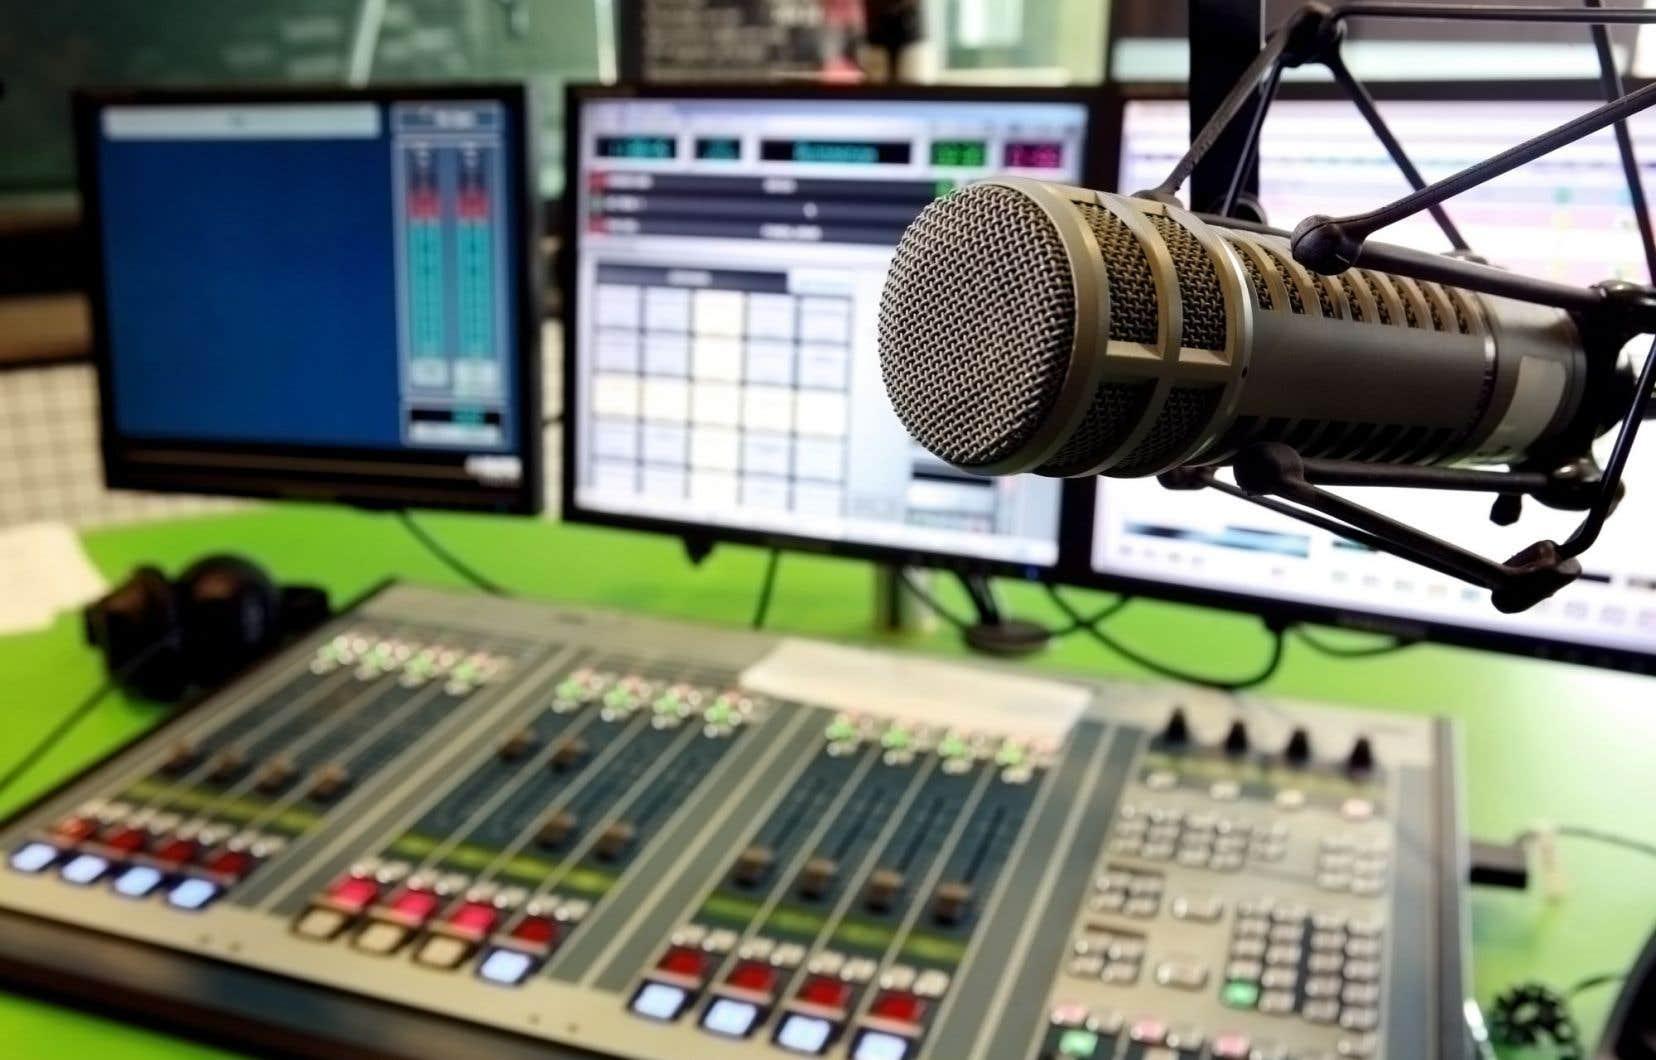 Un regroupement du secteur a tenu à prendre la parole après de récentes sorties sur les quotas musicaux à la radio commerciale par des personnalités publiques, dont Normand Brathwaite et Louis-José Houde.